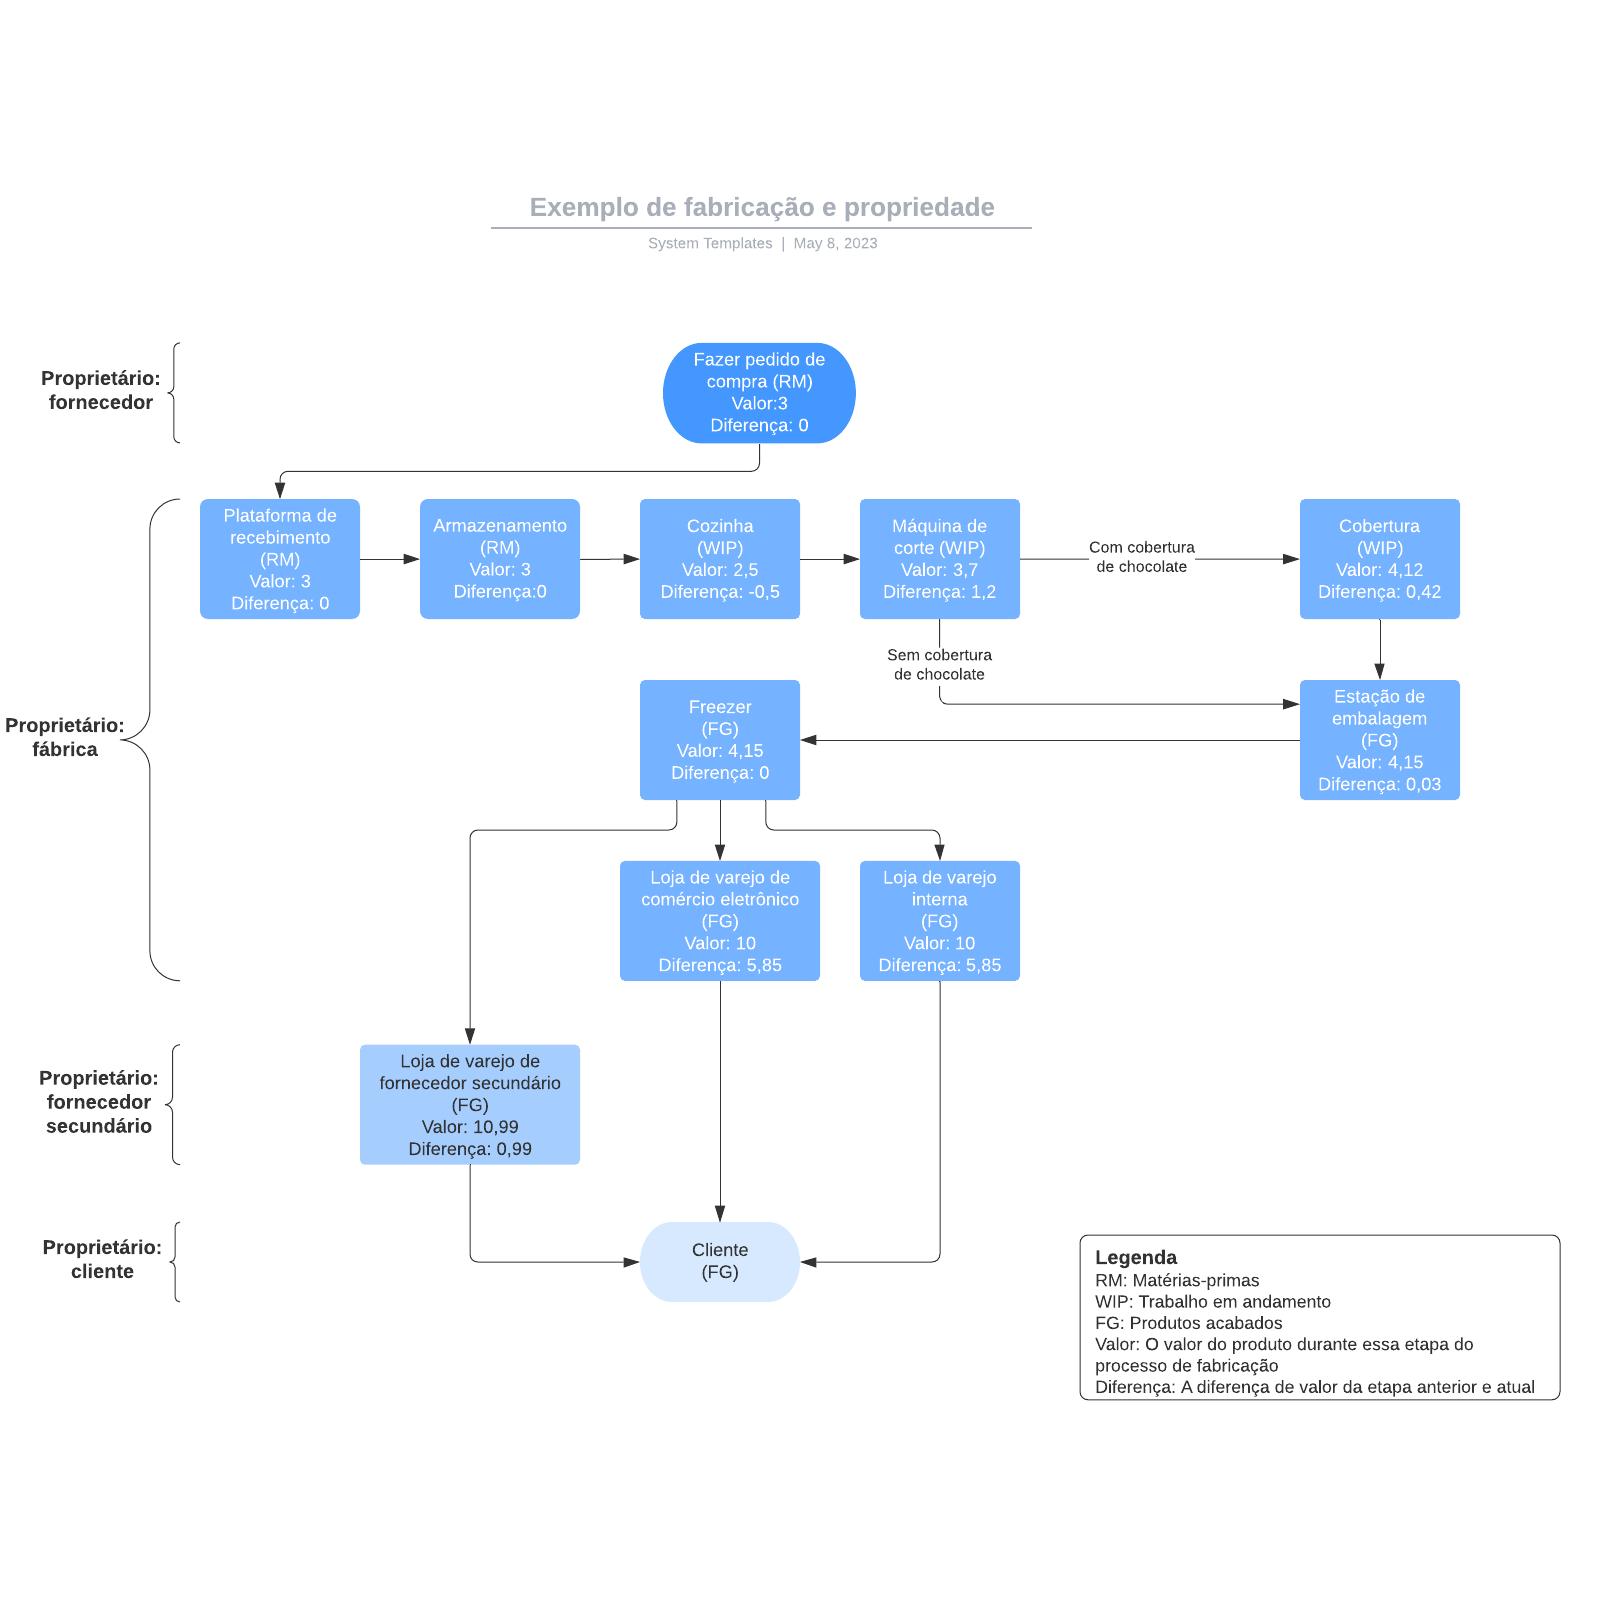 Exemplo de fabricação e propriedade